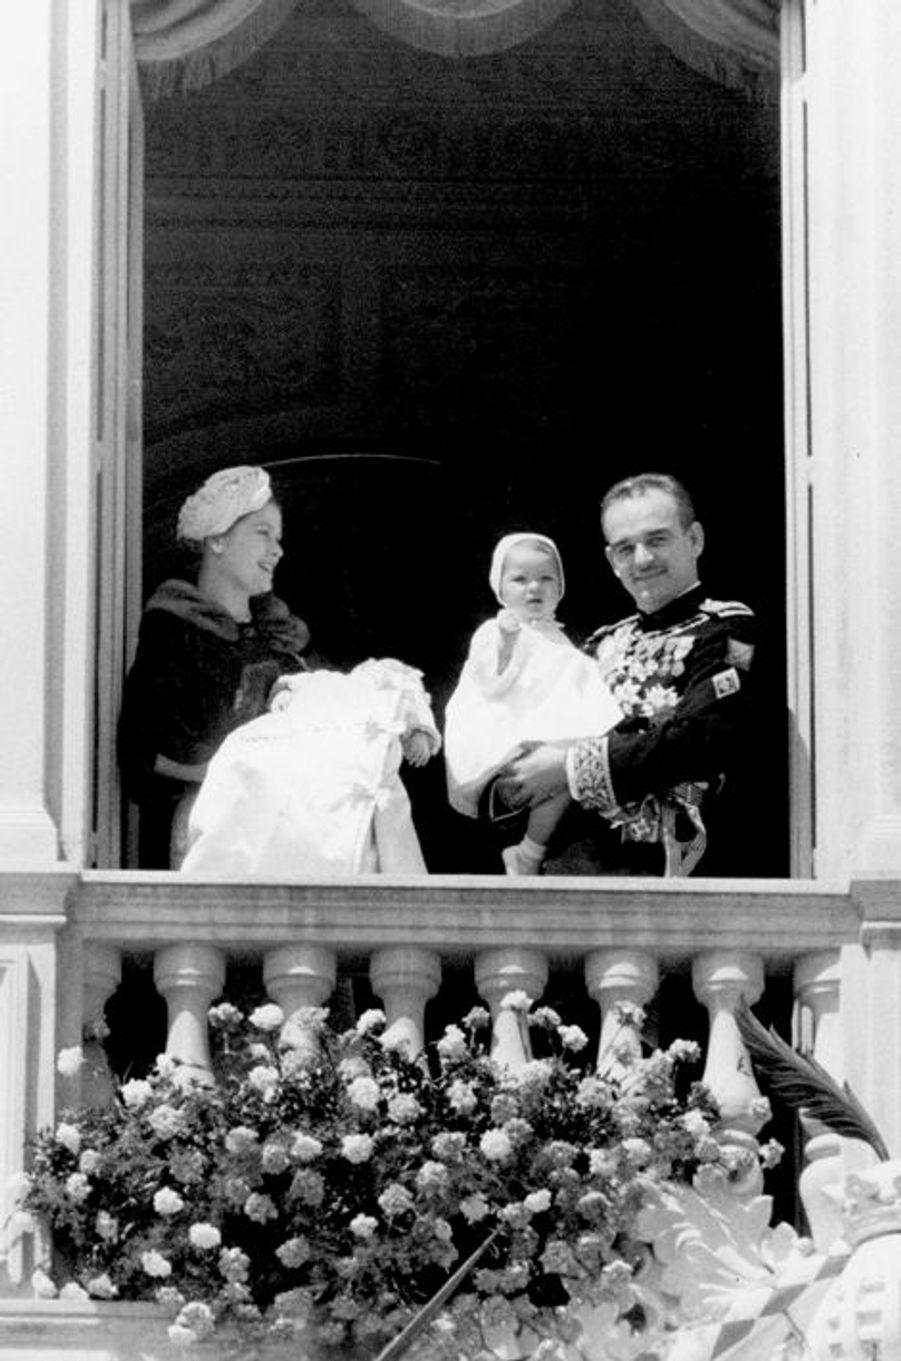 Le prince Rainier III de Monaco au balcon du palais avec la princesse Grace, Caroline et Albert, le 1er avril 1958